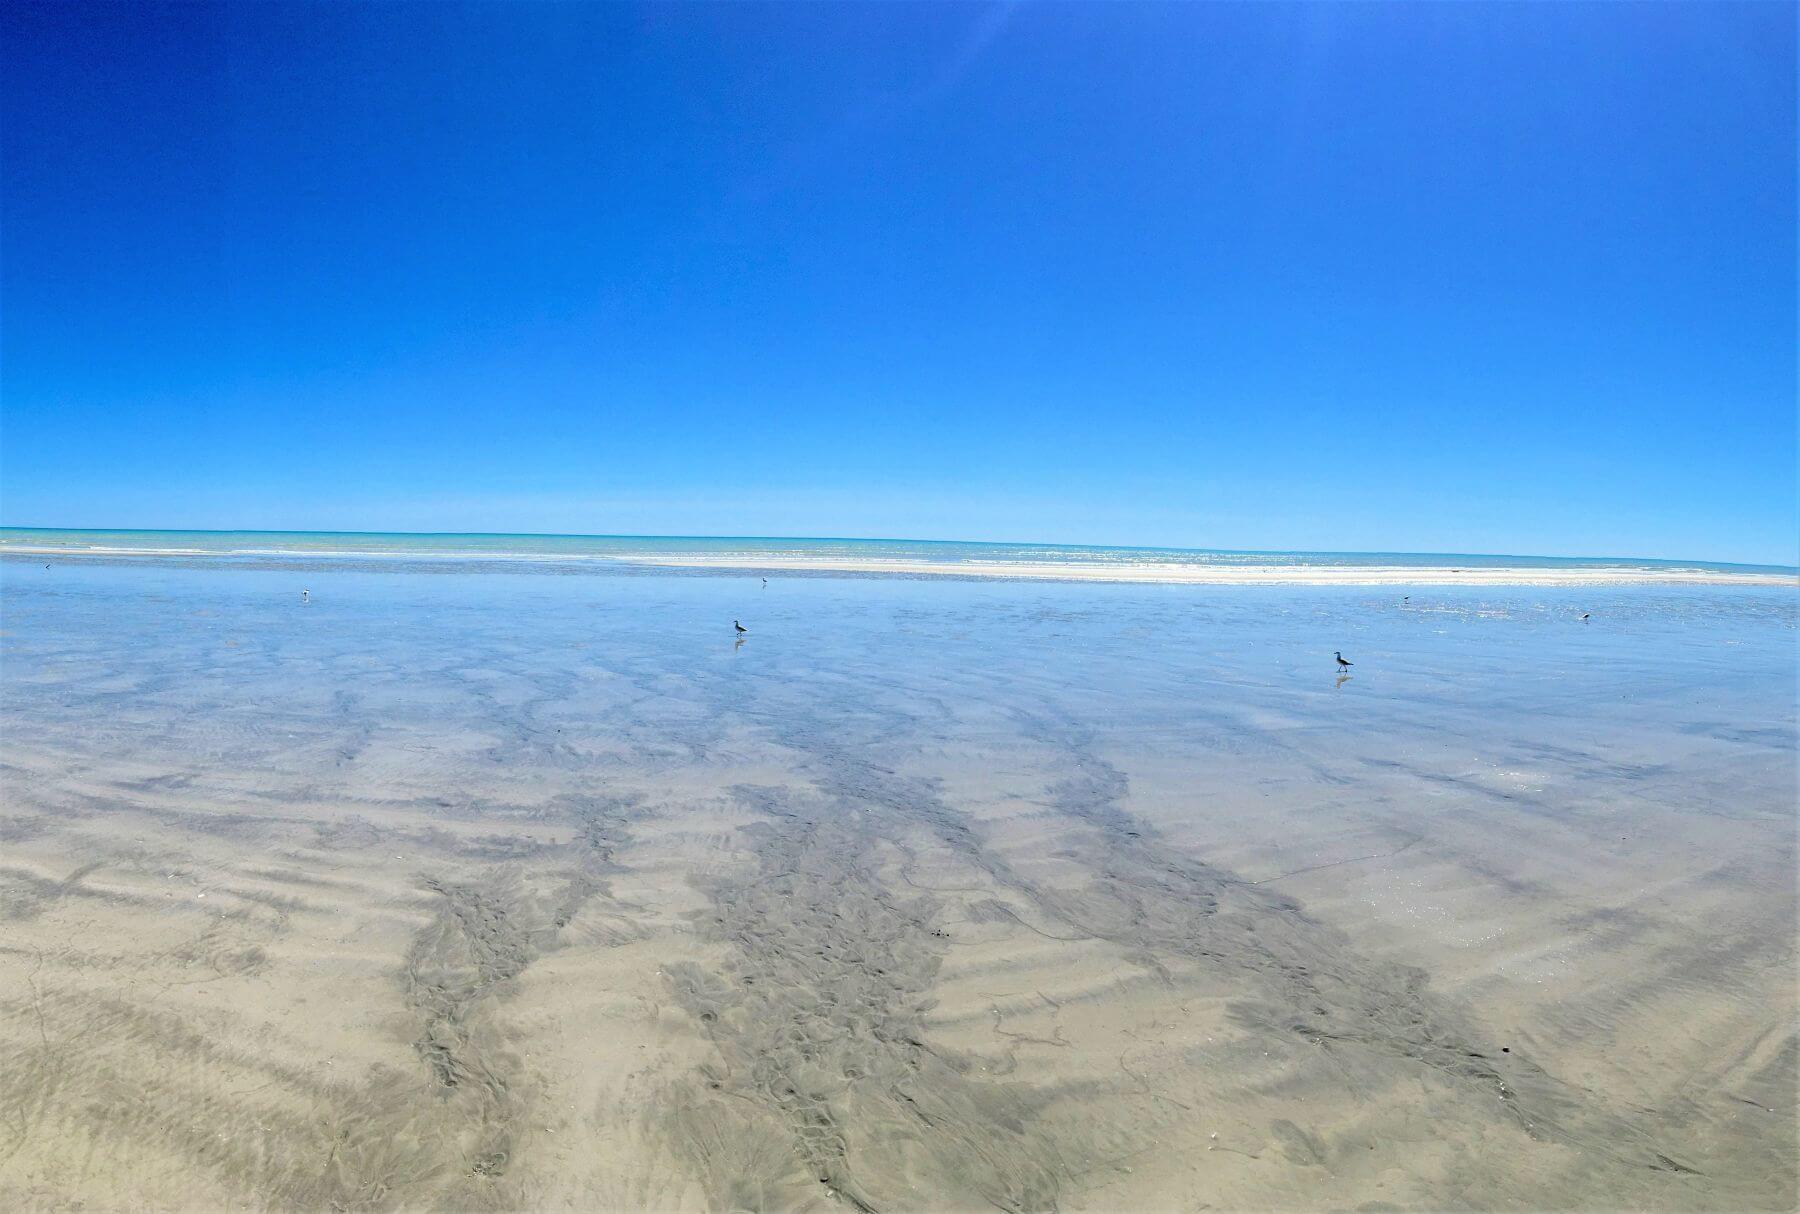 Wunderschöner 80 Mile Beach in Austalien